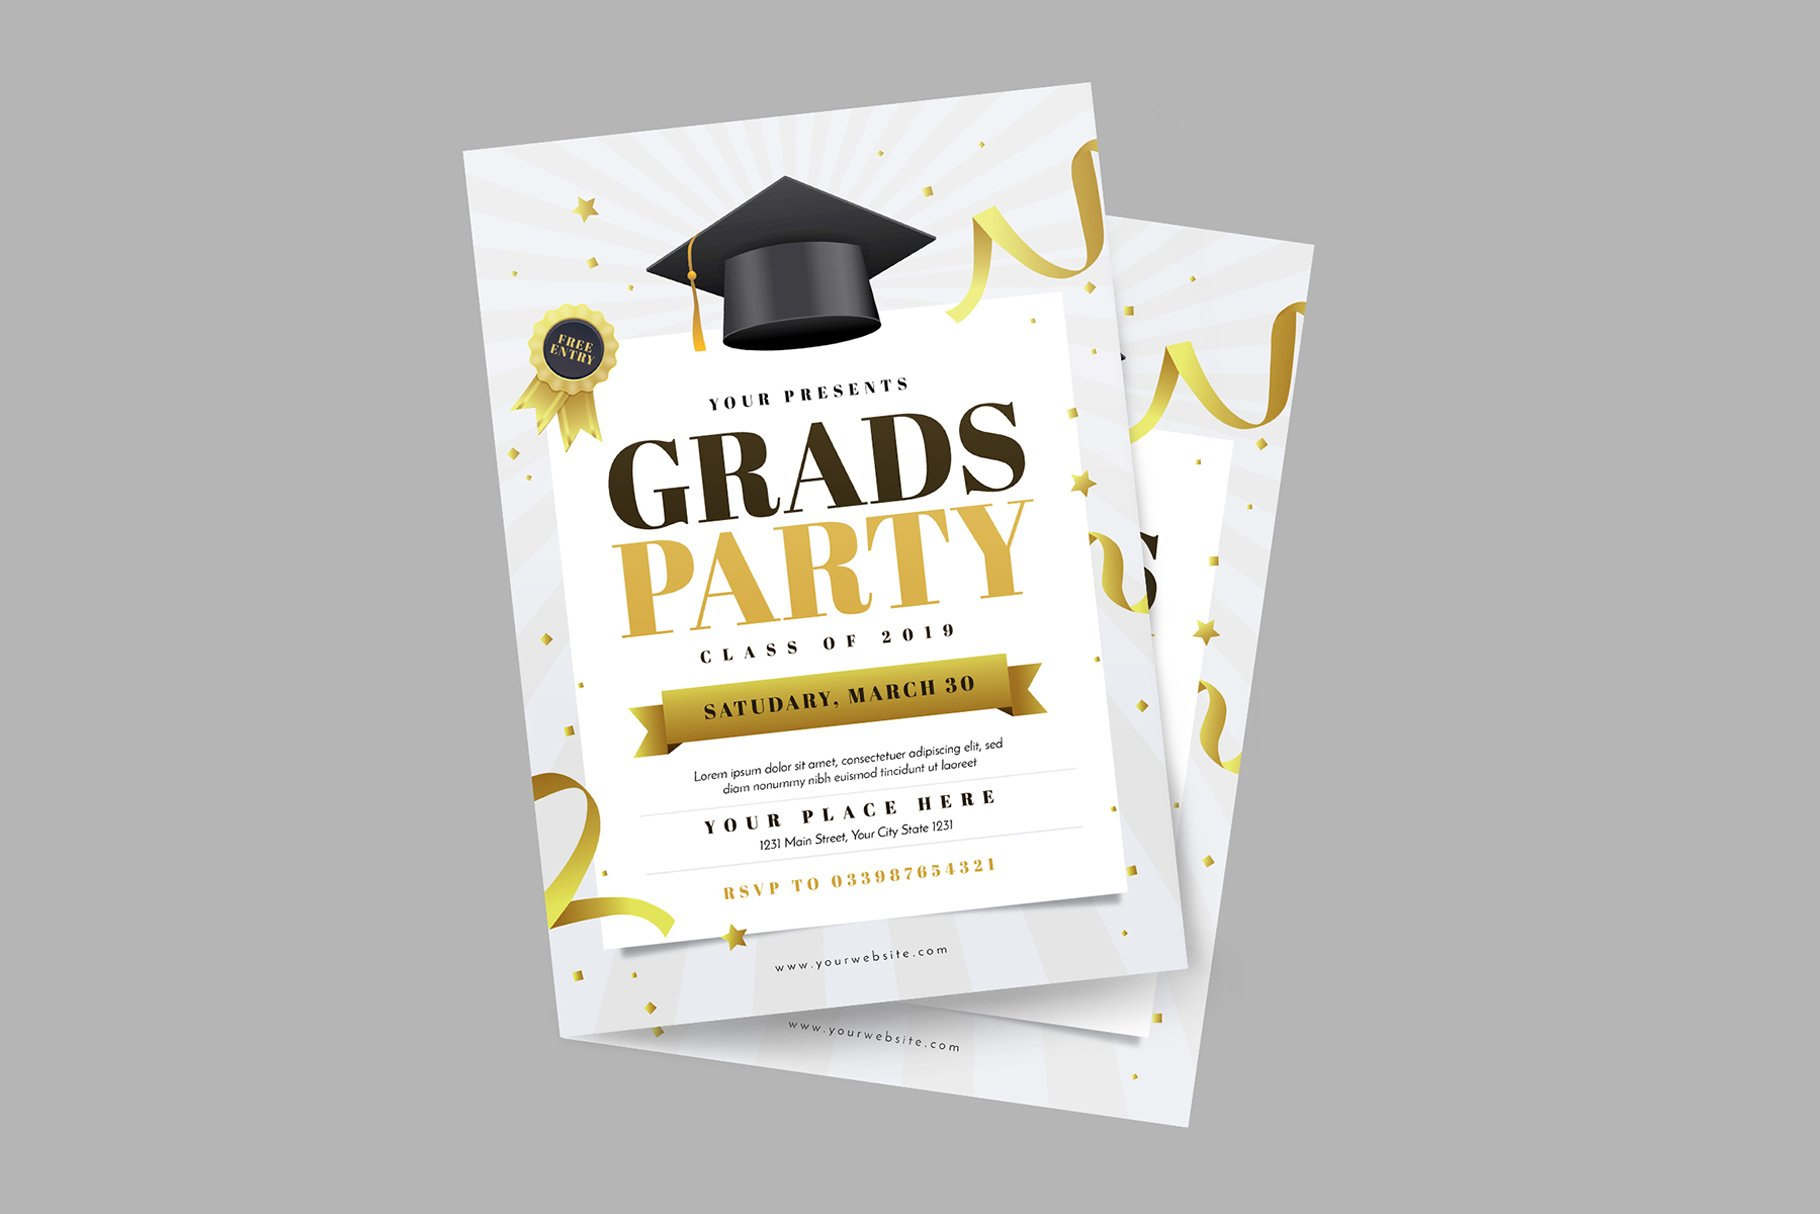 Graduation Party Flyer - Flyer Templates | Creative Market Pro